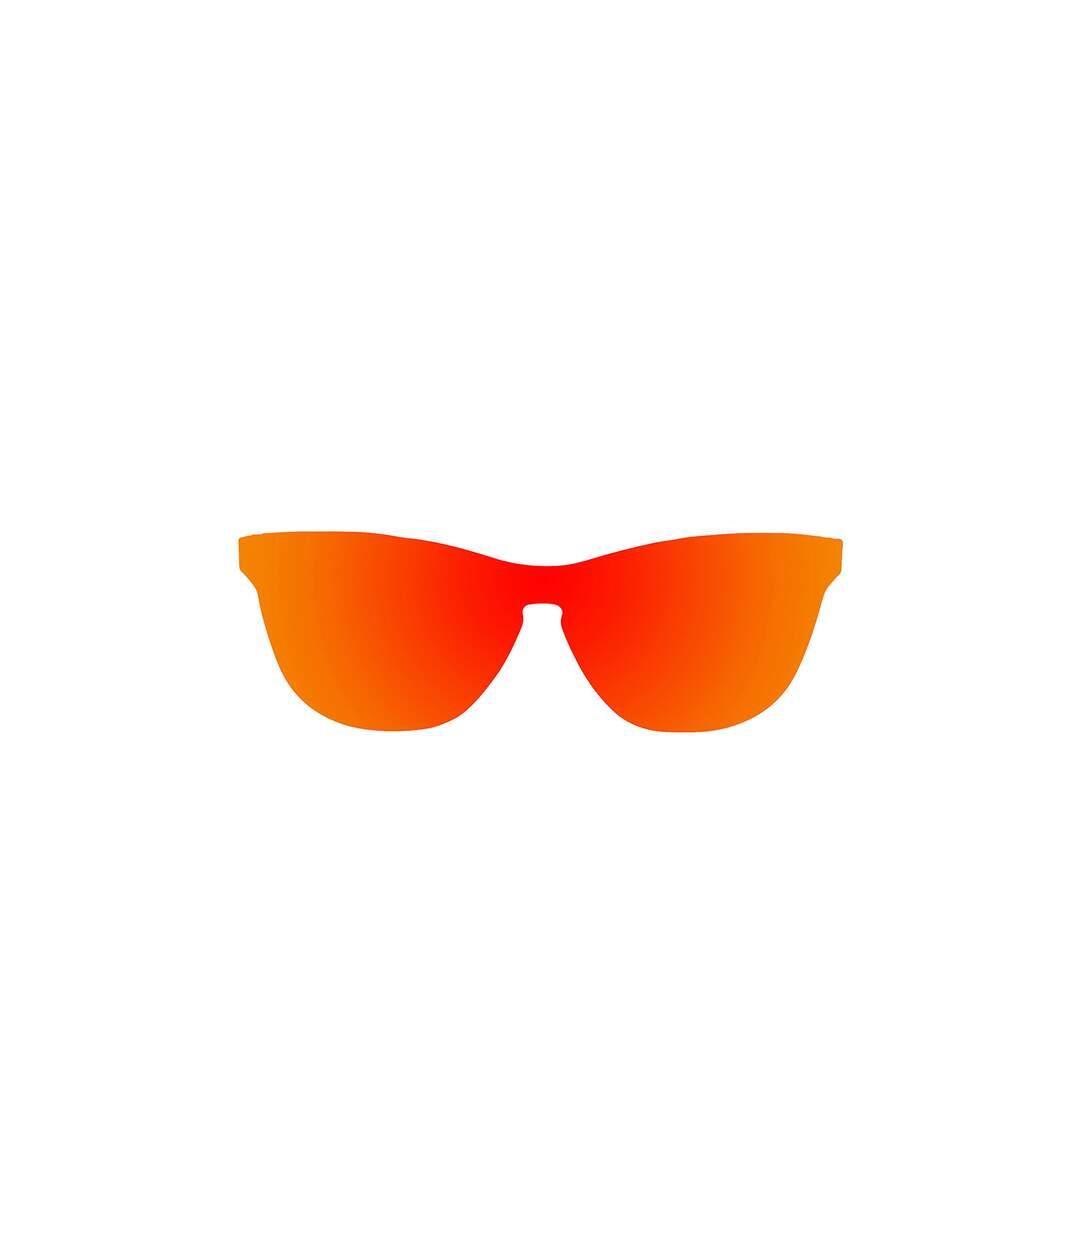 Dégagement Ocean Sunglasses Lunettes de soleil Mixte dsf.d455nksdKLFHG